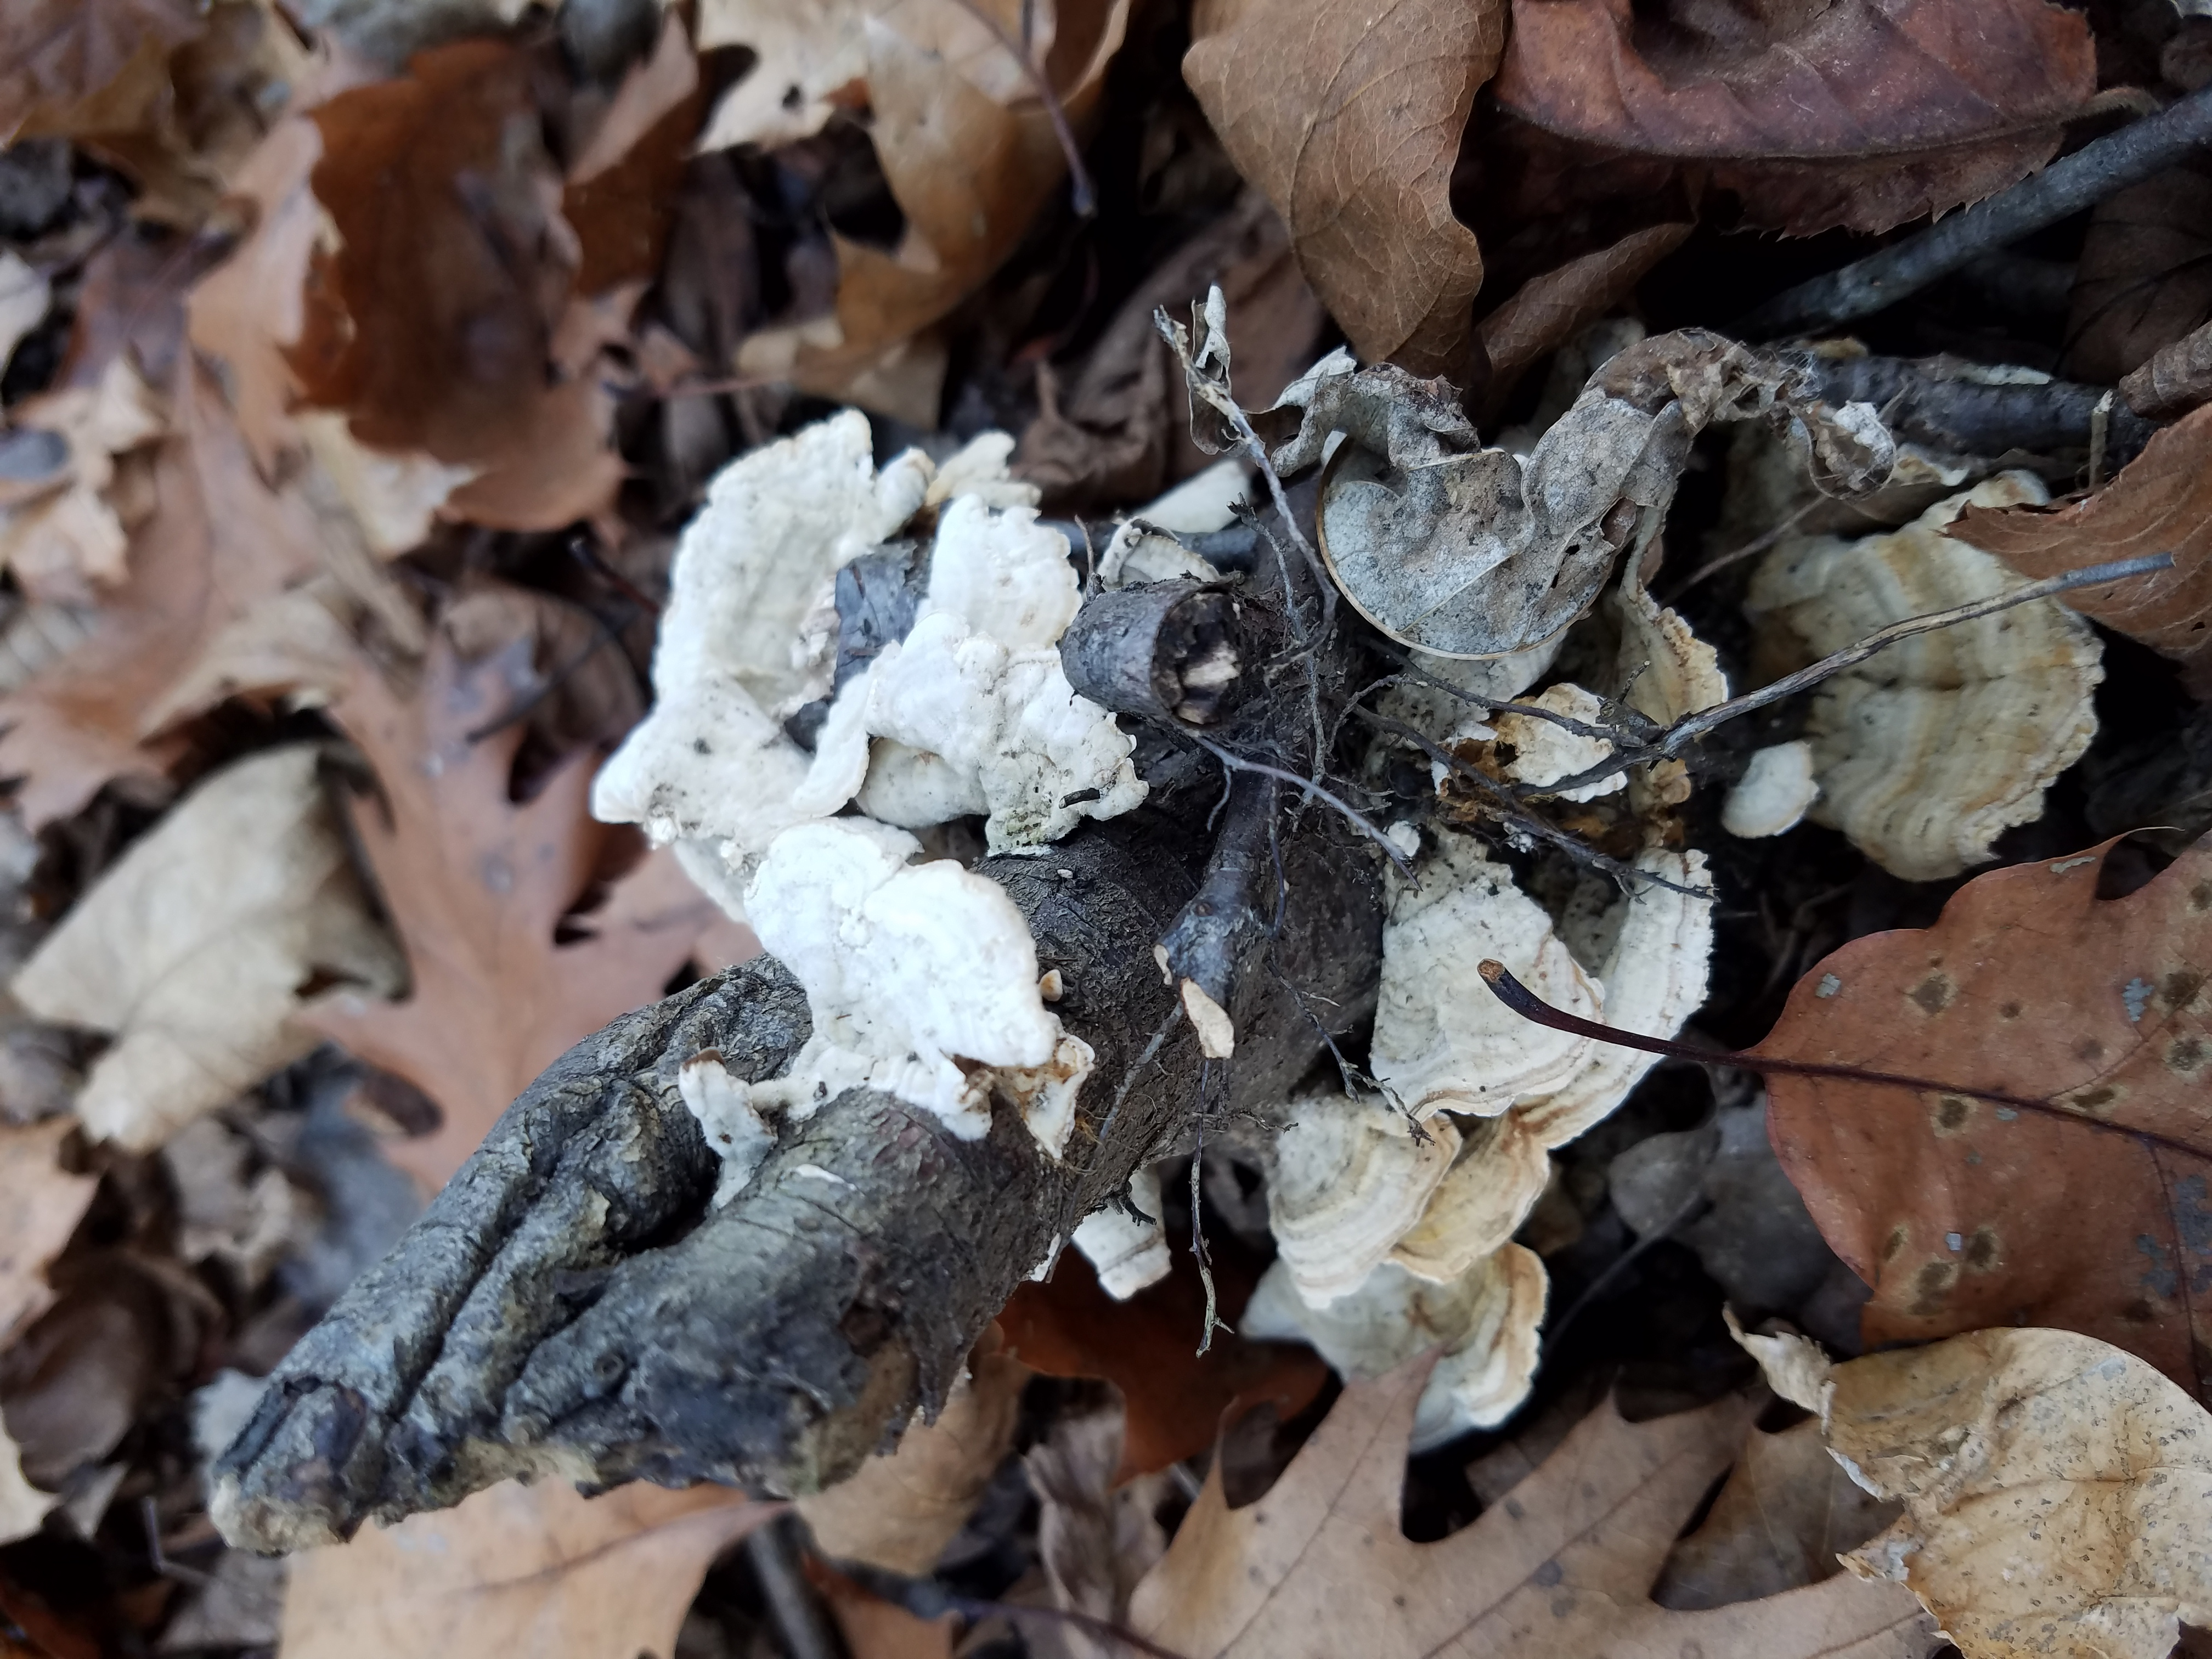 mushroom-on-a-stick-27.jpg